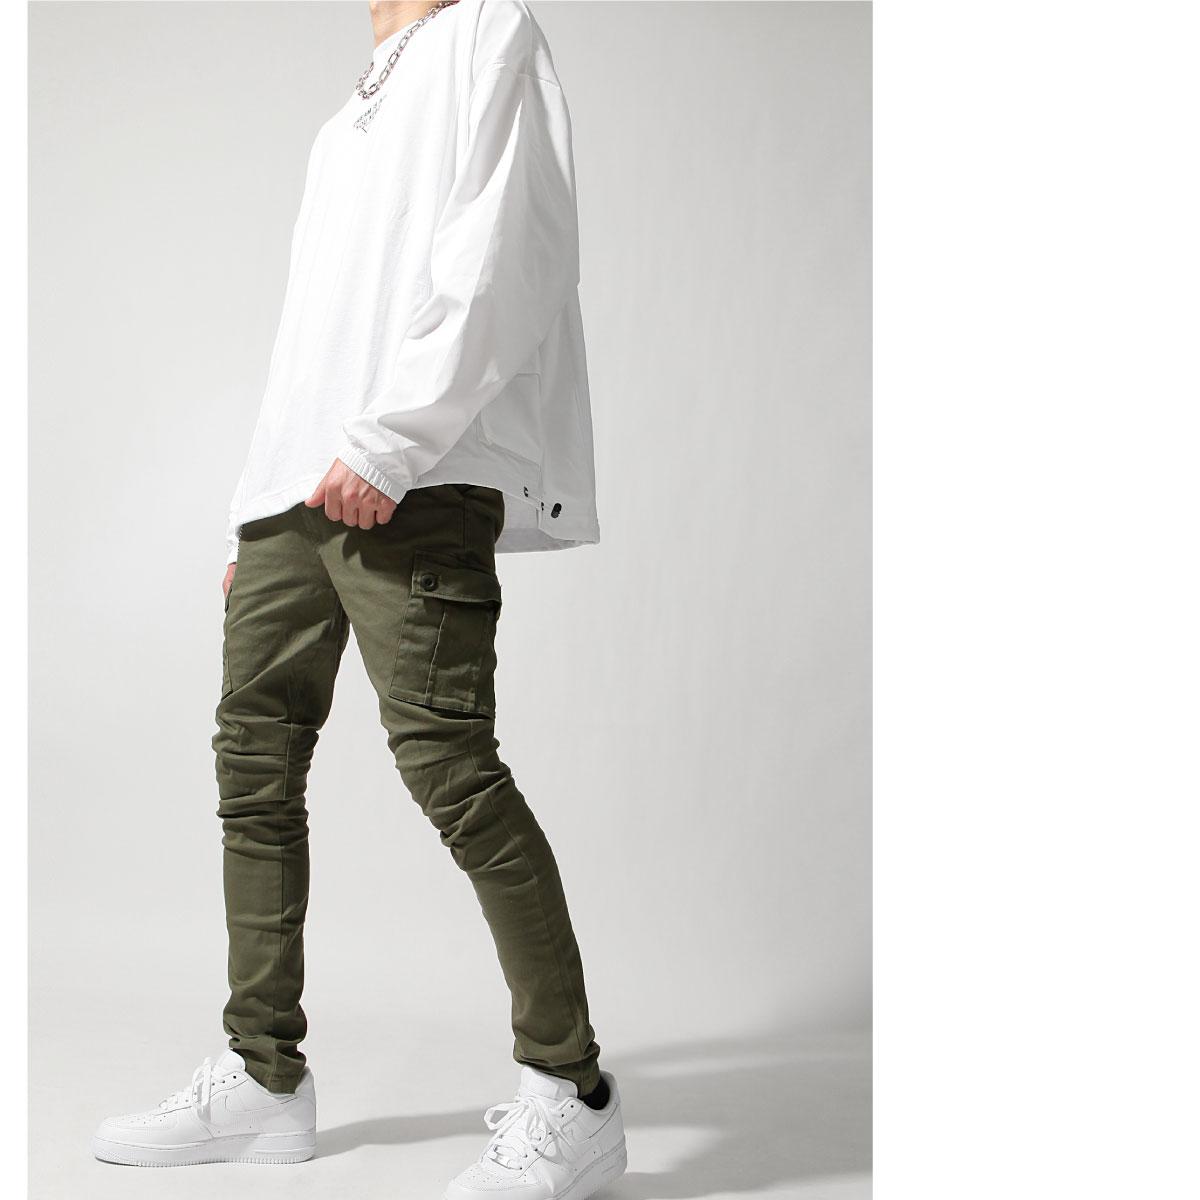 【New】ZIP 錐形窄管褲 工裝窄管 4